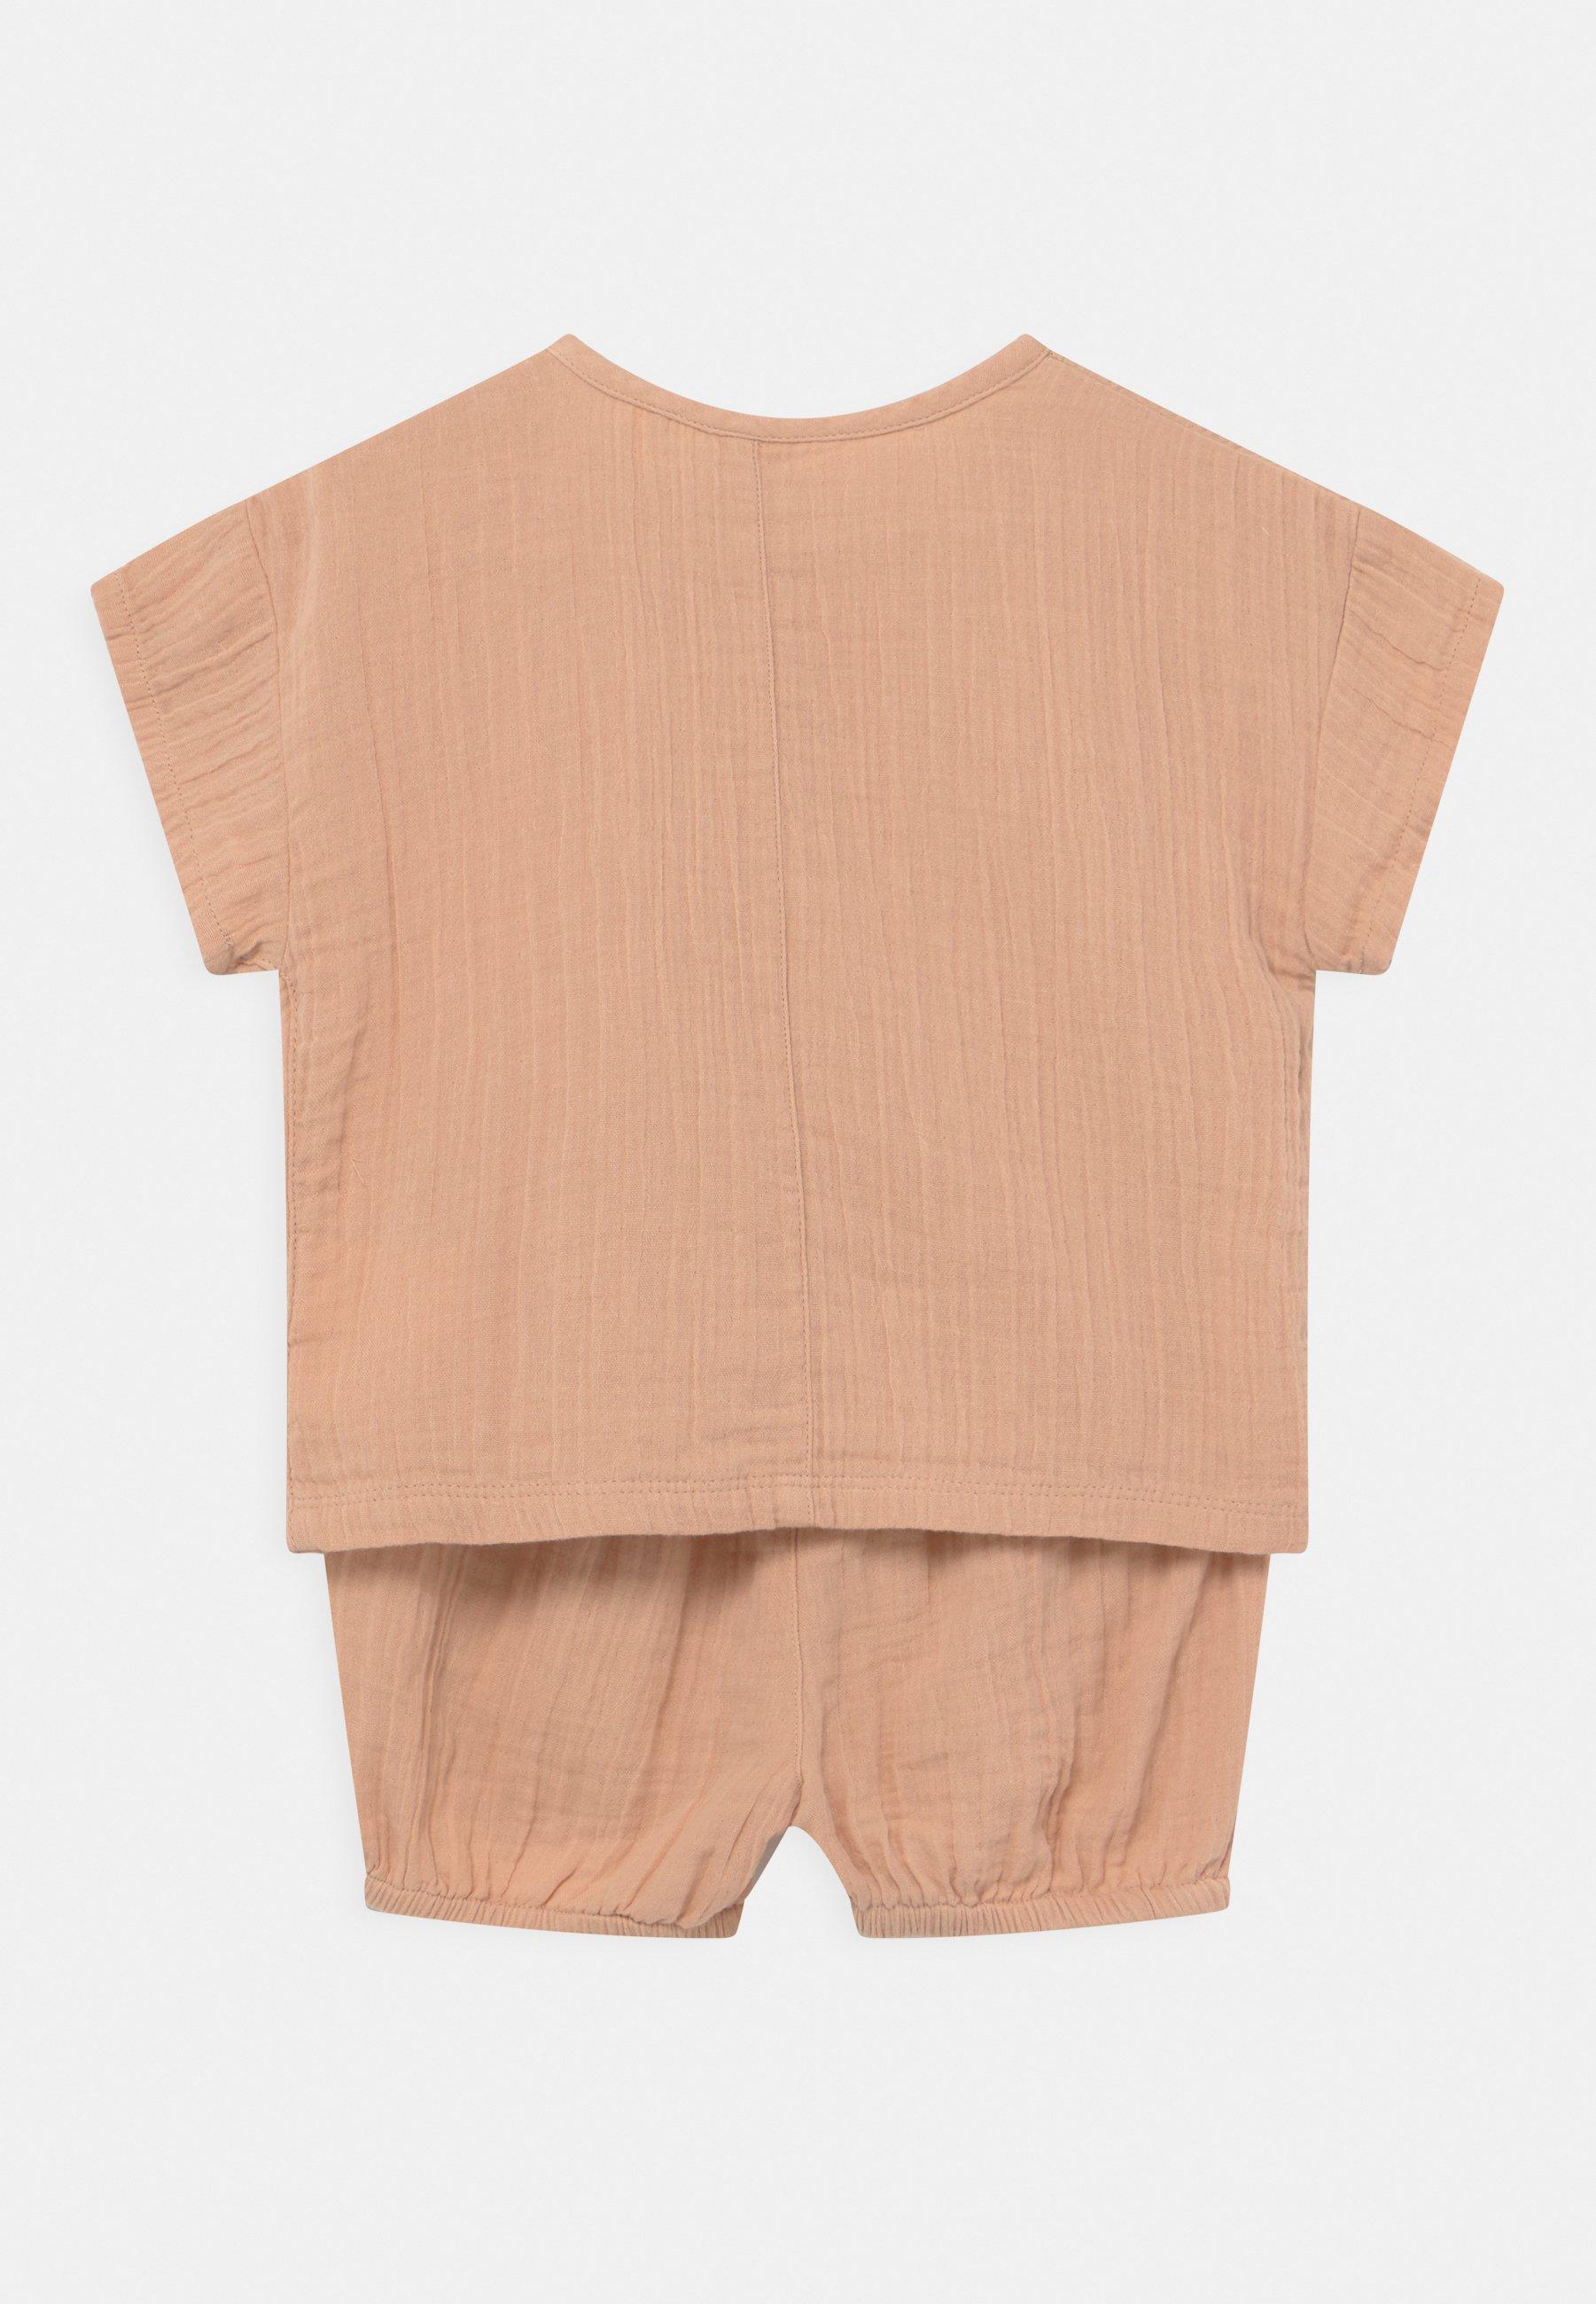 Kids BLOOMERS SET UNISEX - Basic T-shirt